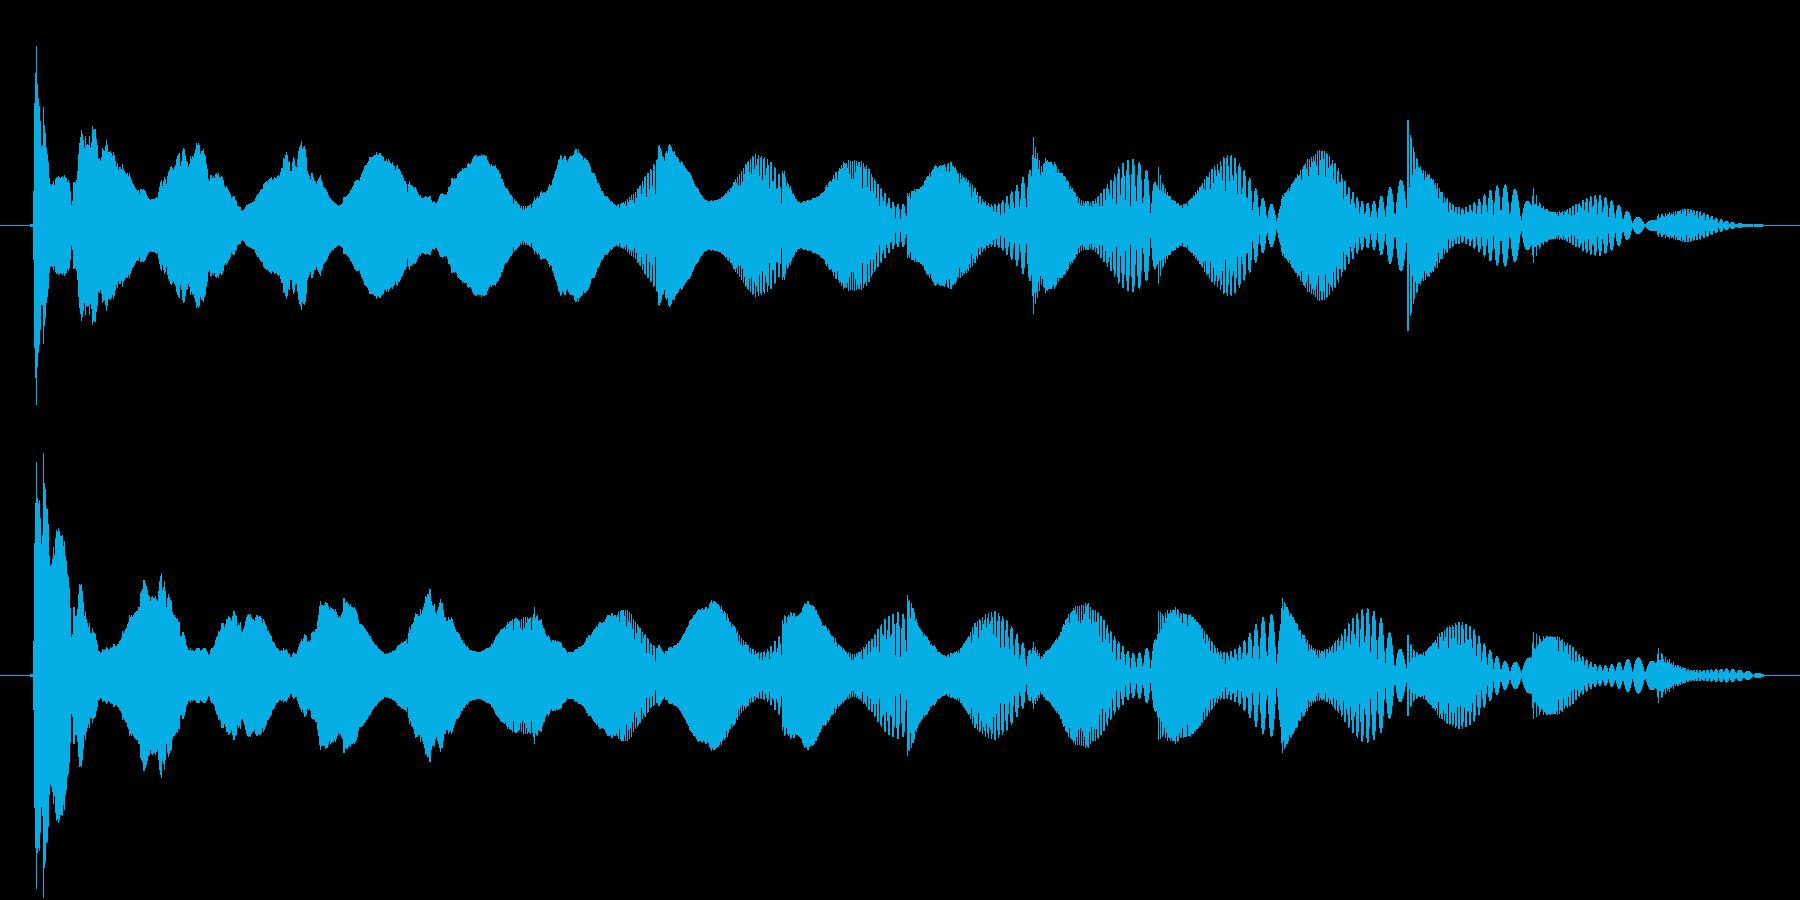 ぴゅわわわわわわわん↓の再生済みの波形